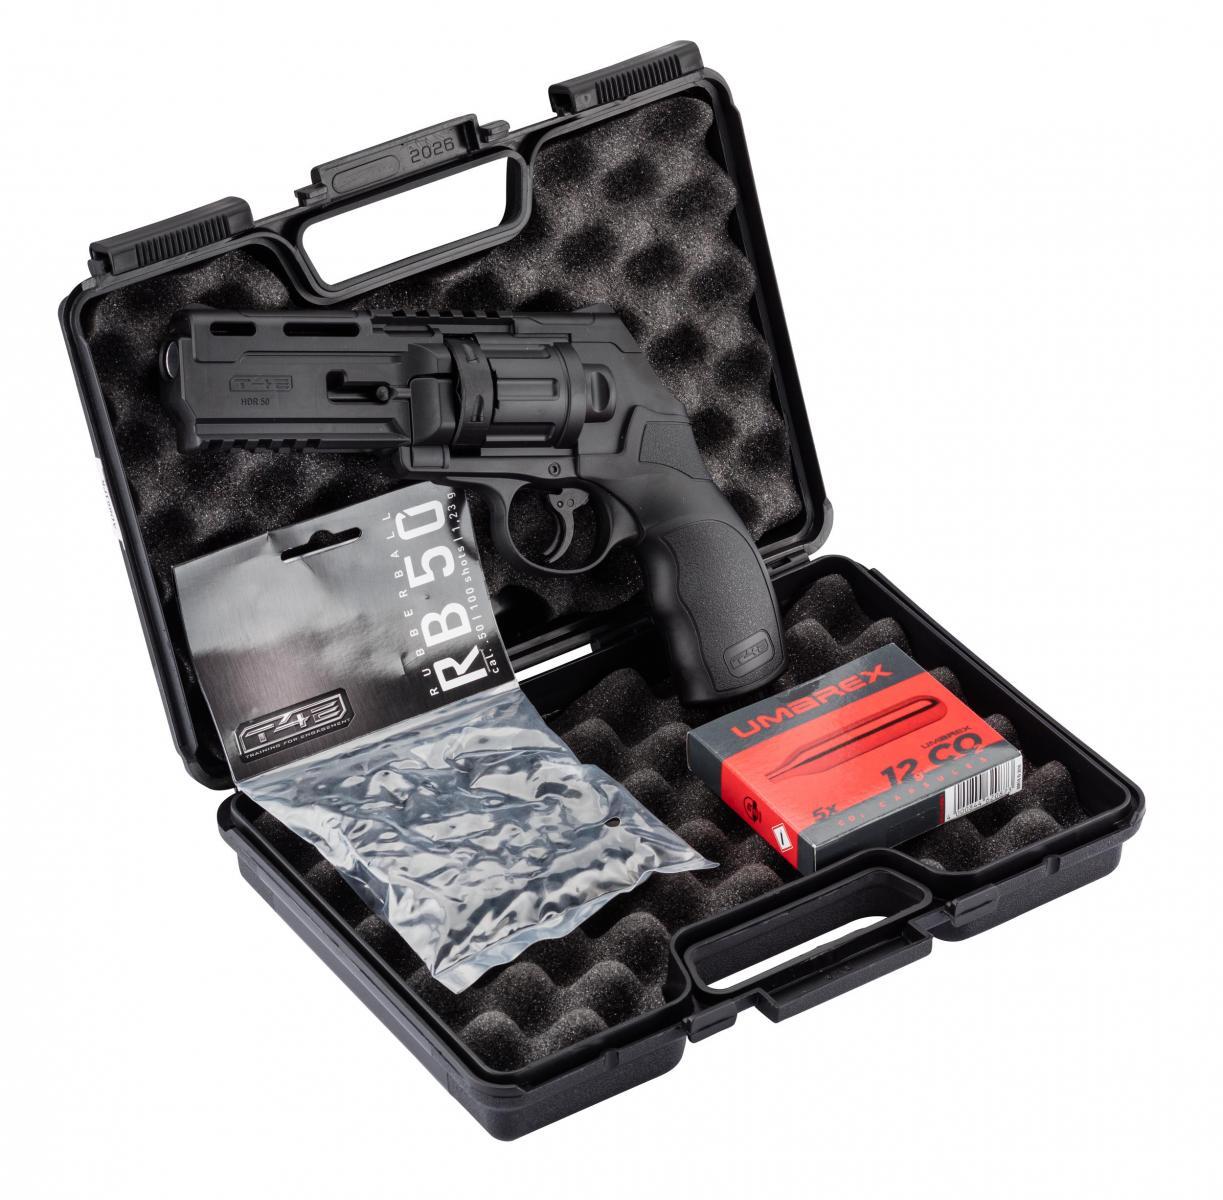 Pack UMAREX T4E HDR 11J